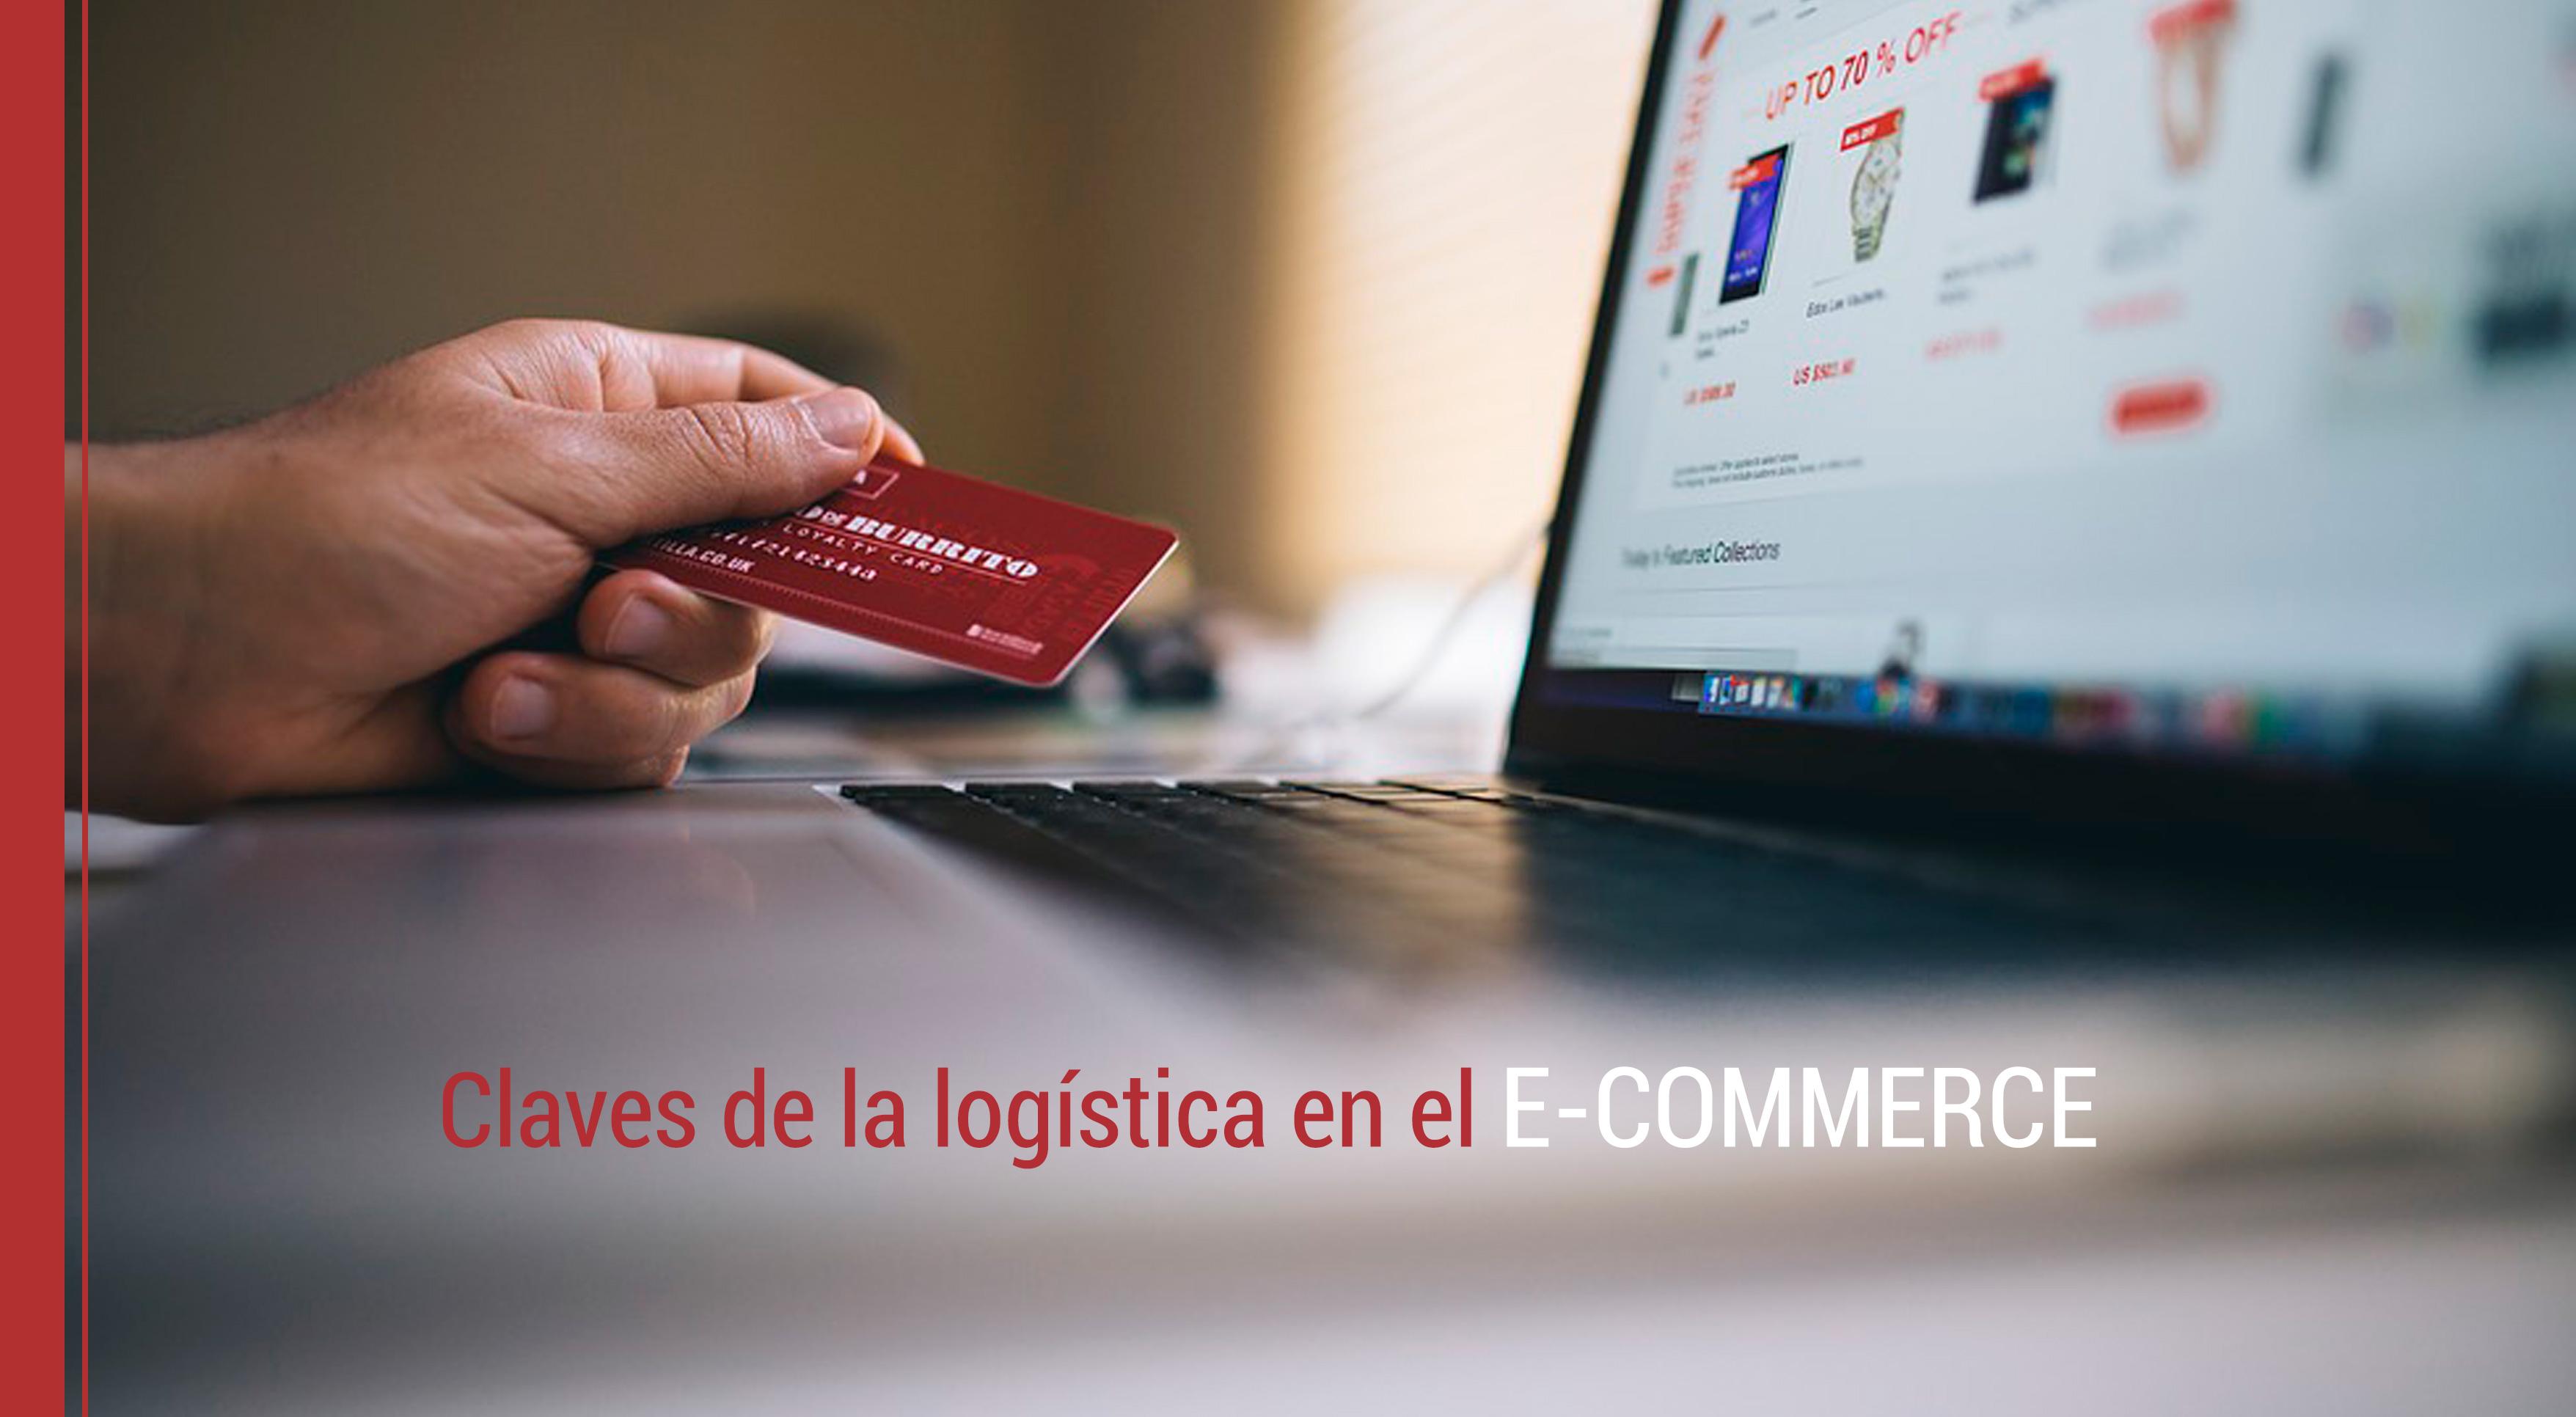 claves de la logistica en el ecommerce